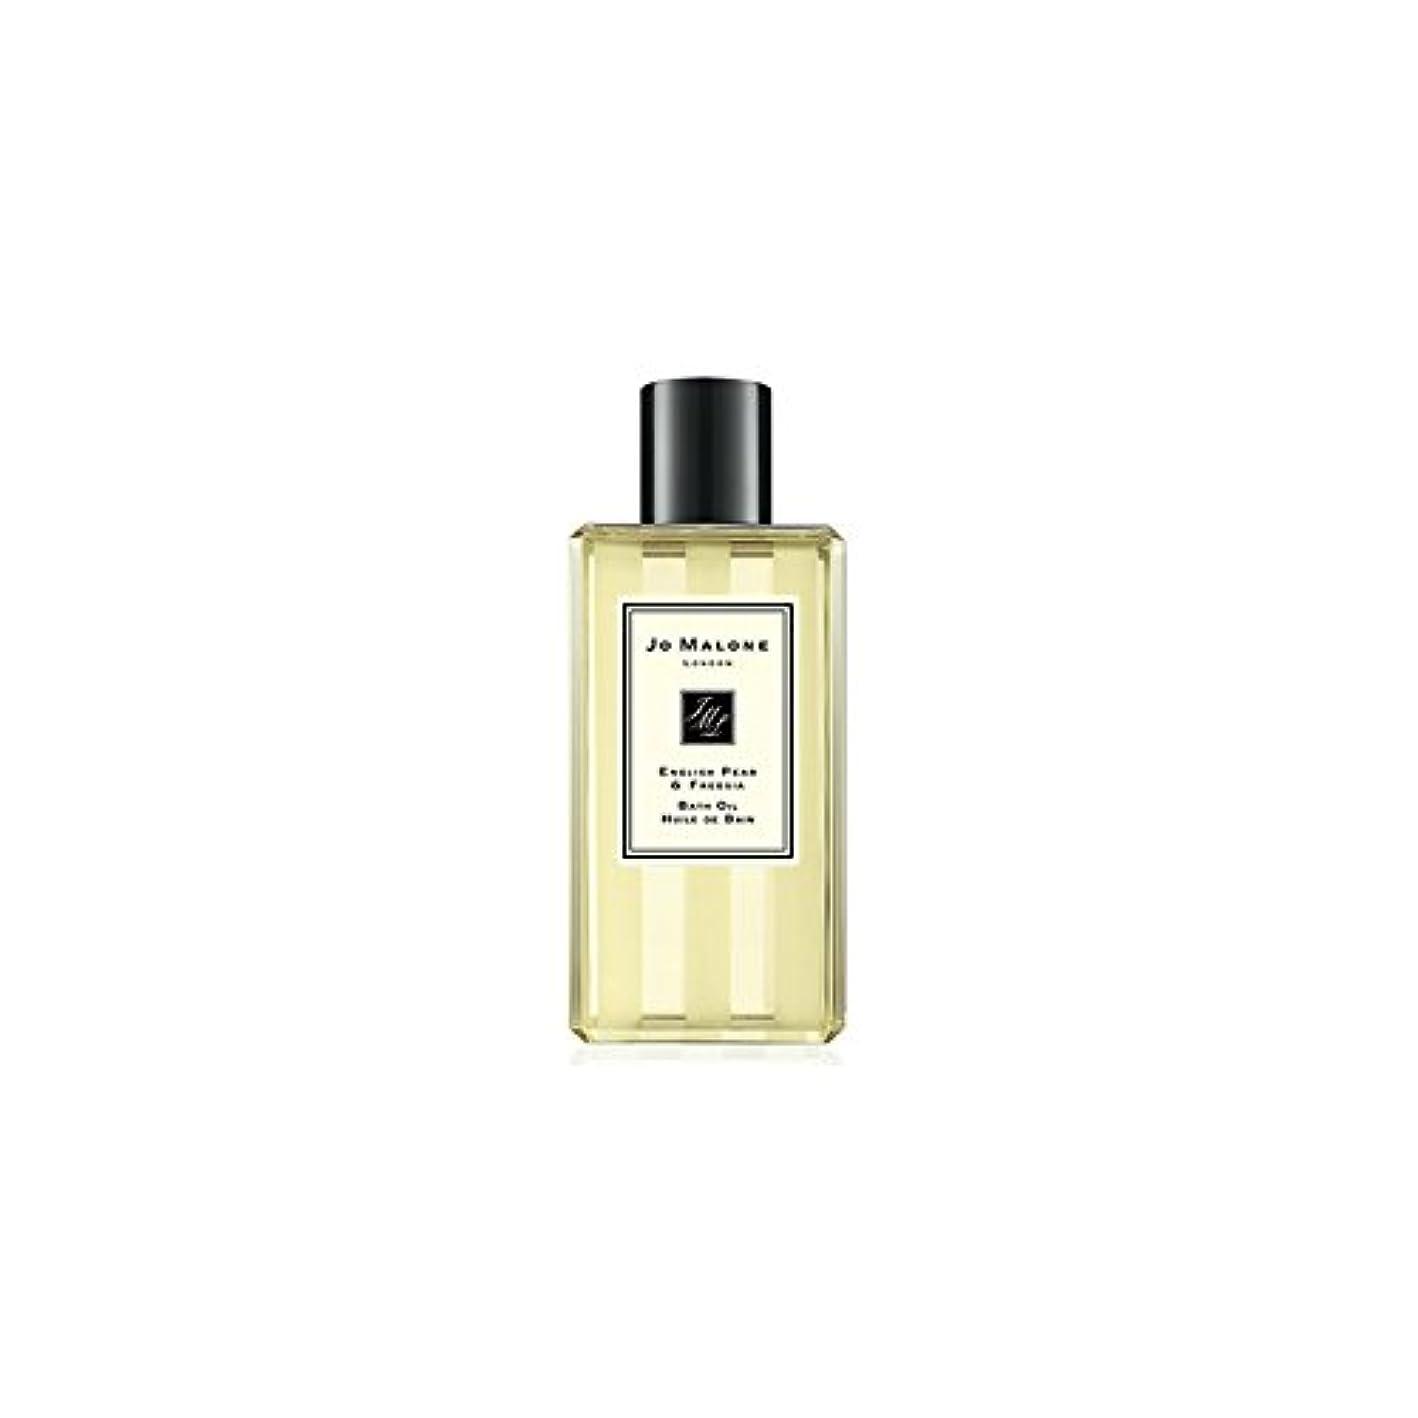 正規化電池剥ぎ取るJo Malone English Pear & Freesia Bath Oil - 250ml (Pack of 2) - ジョーマローン英語梨&フリージアのバスオイル - 250ミリリットル (x2) [並行輸入品]